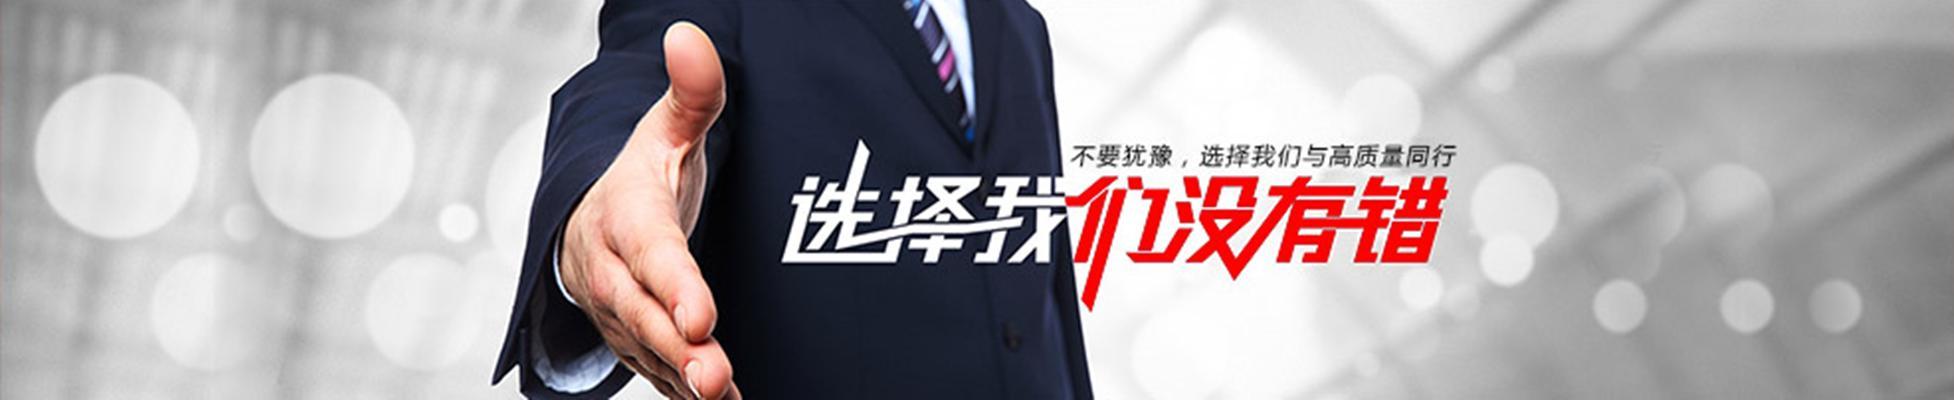 惠东管理咨询